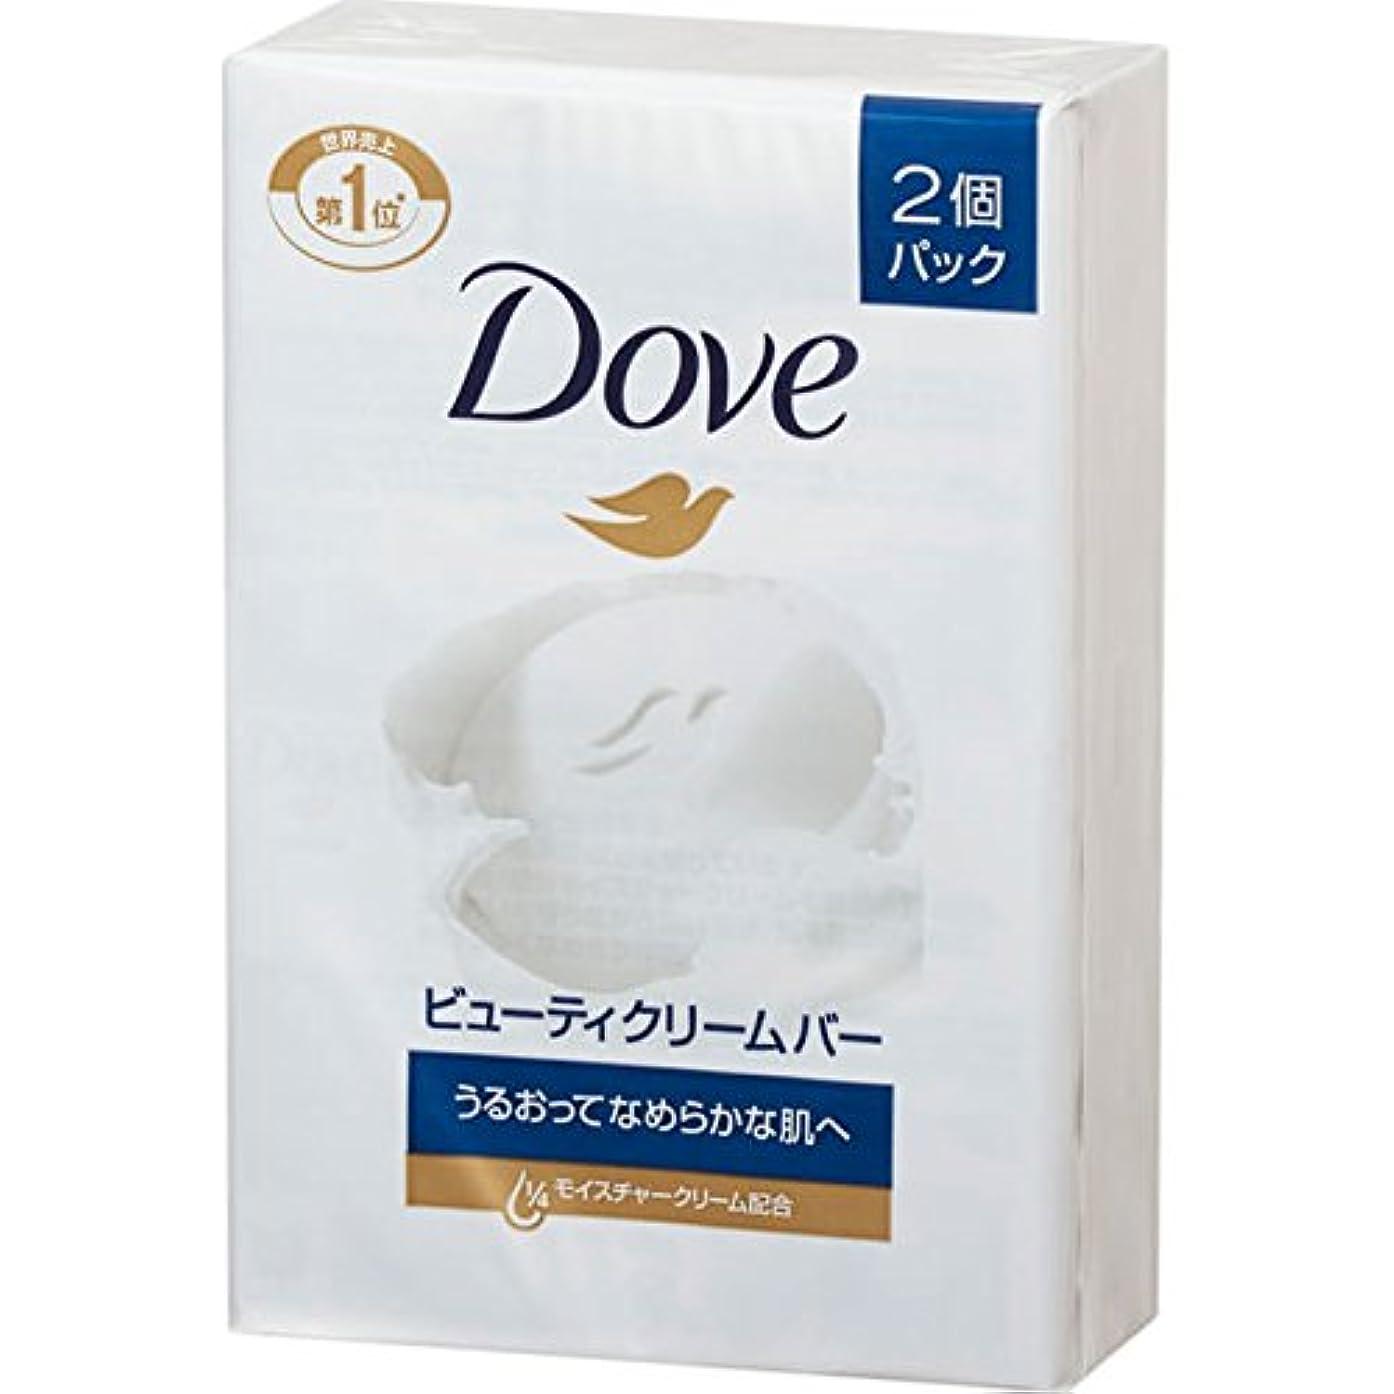 ユニリーバ?ジャパン ダヴ ビューティ クリーム バー ホワイト 190g(95g×2)